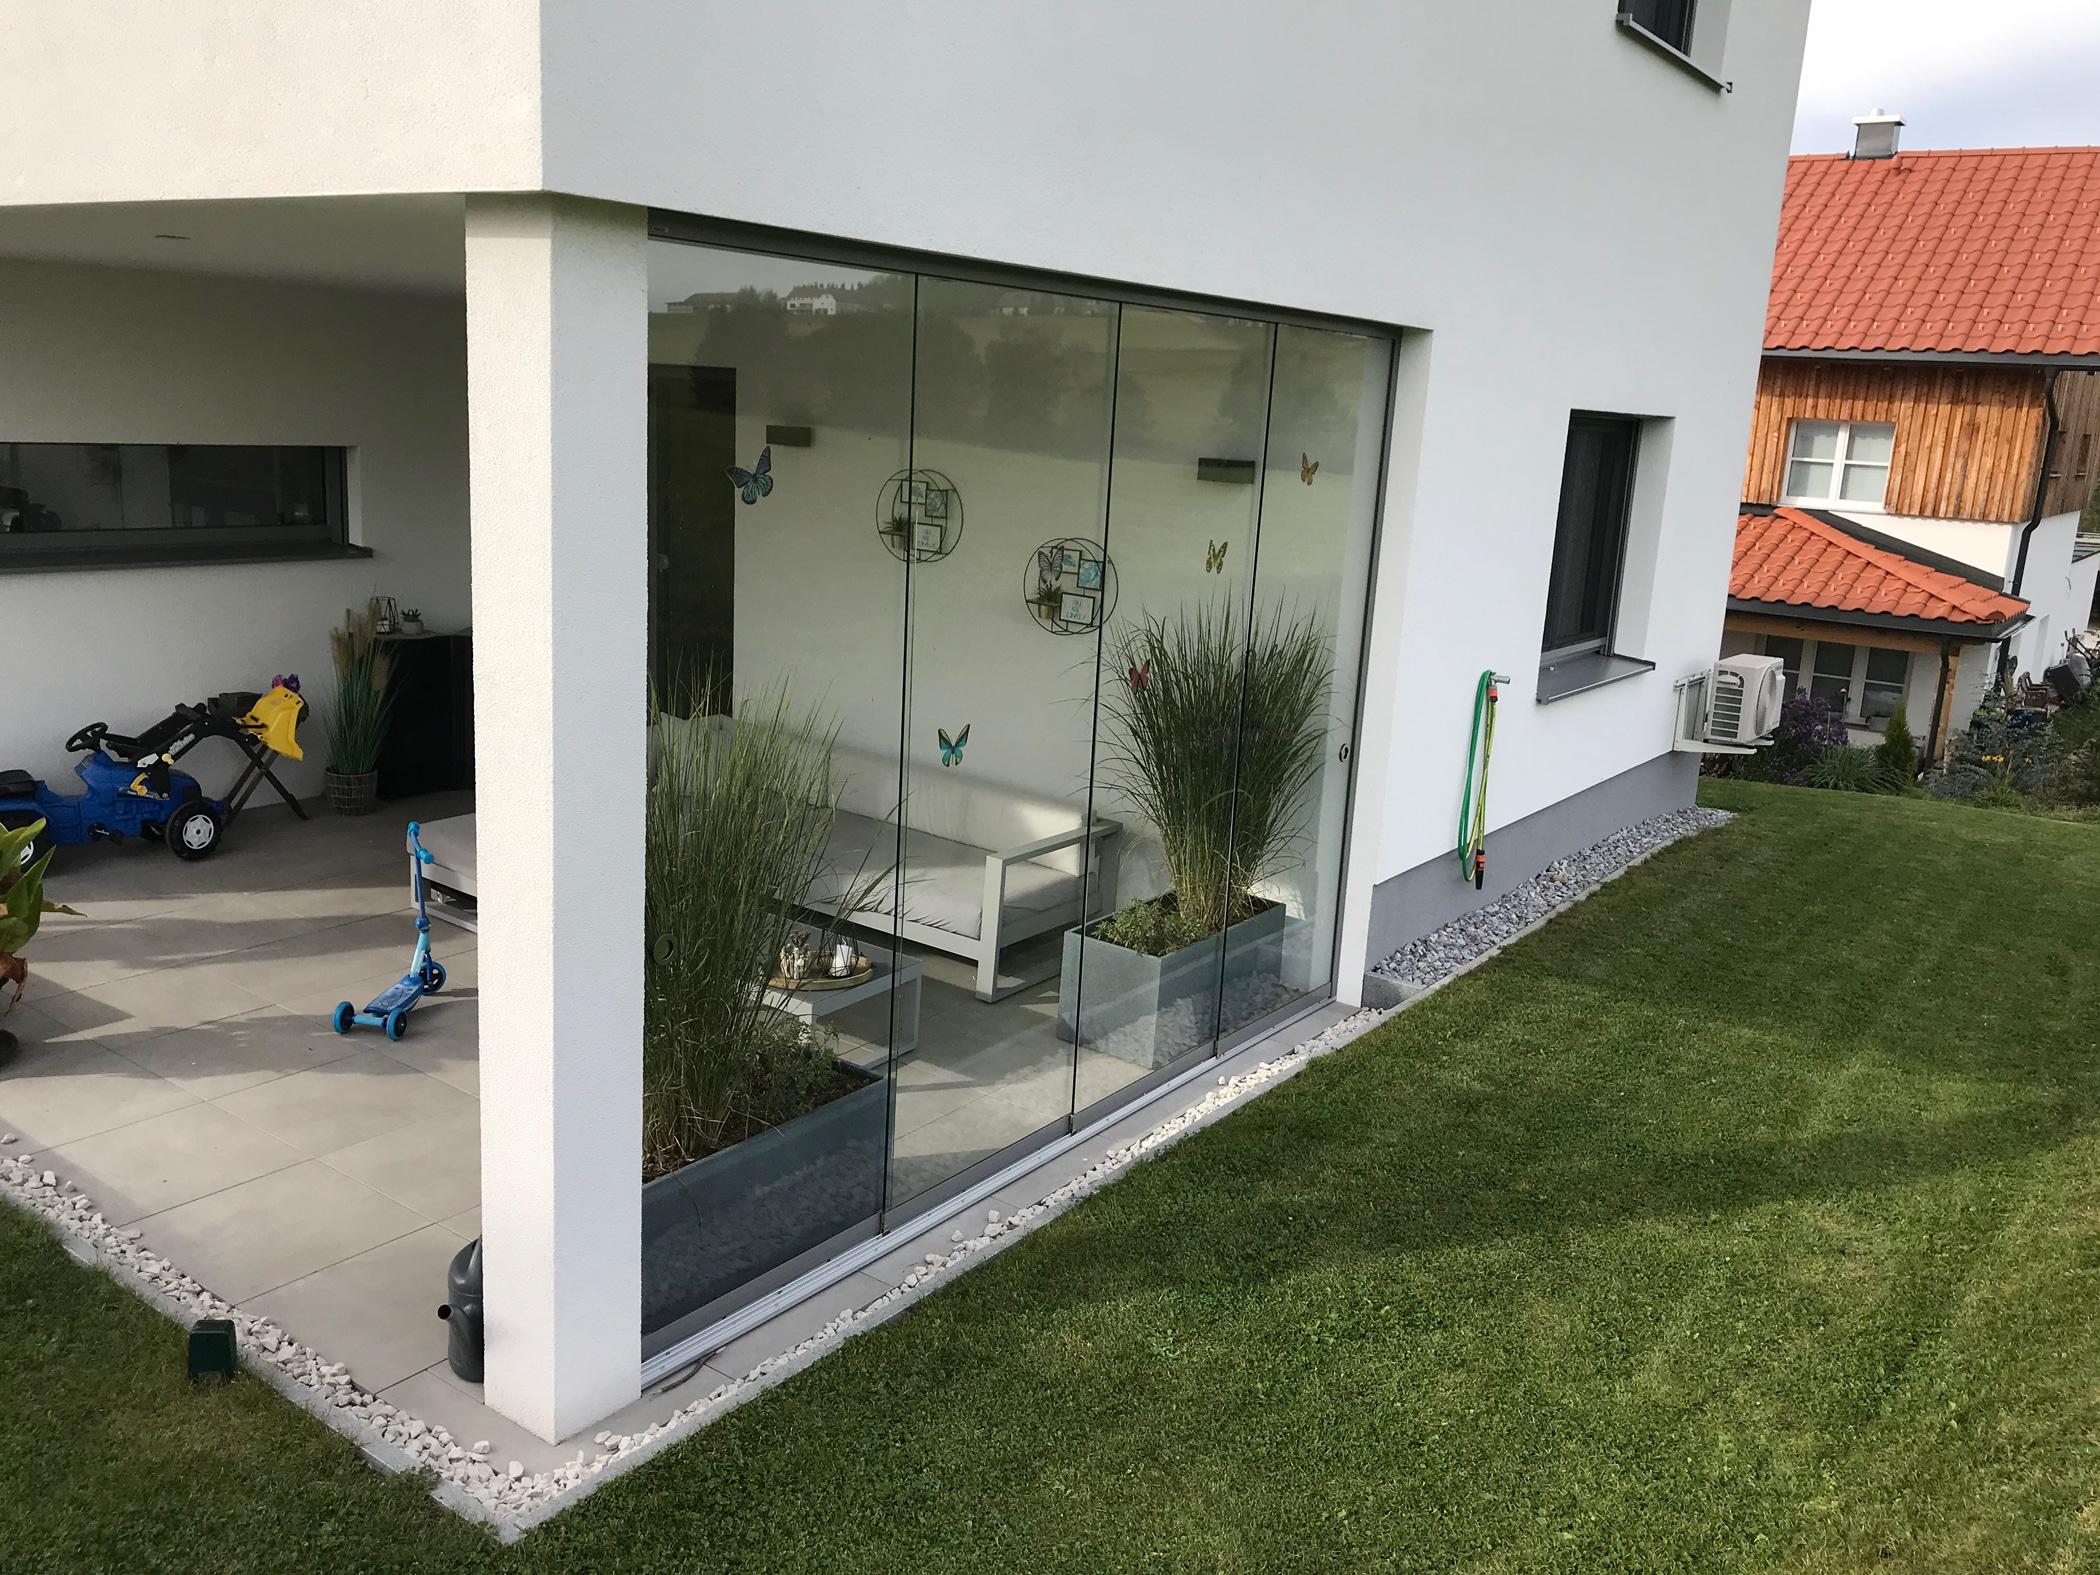 Rahmenlose Terrassenverglasungen als Windschutz OÖ